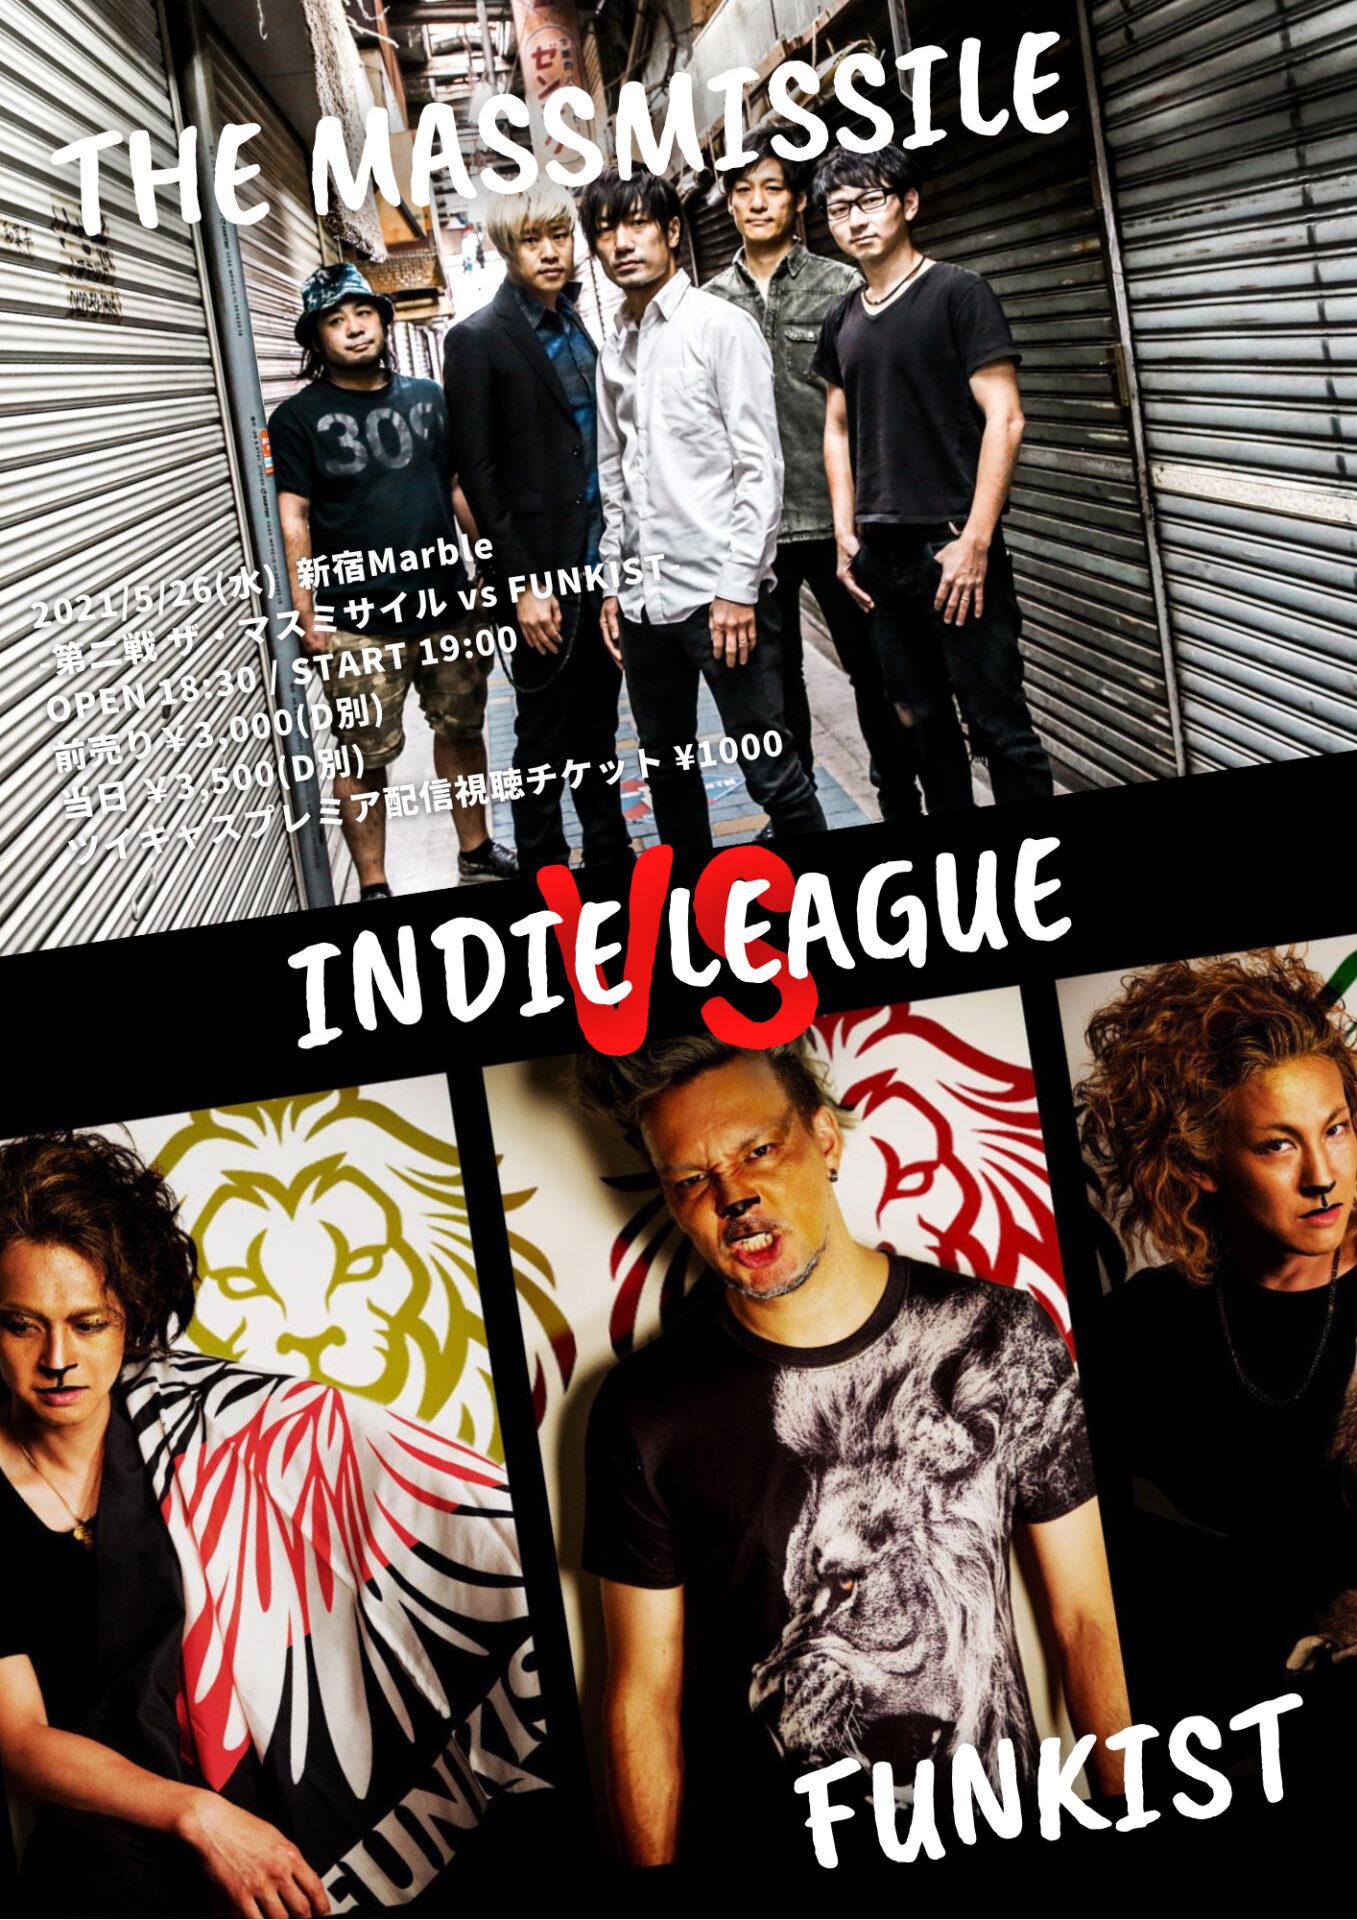 【再延期公演】新宿Marble17thANNIVERSARY「INDIE LEAGUE」-第二戦 ザ・マスミサイル vs FUNKIST-